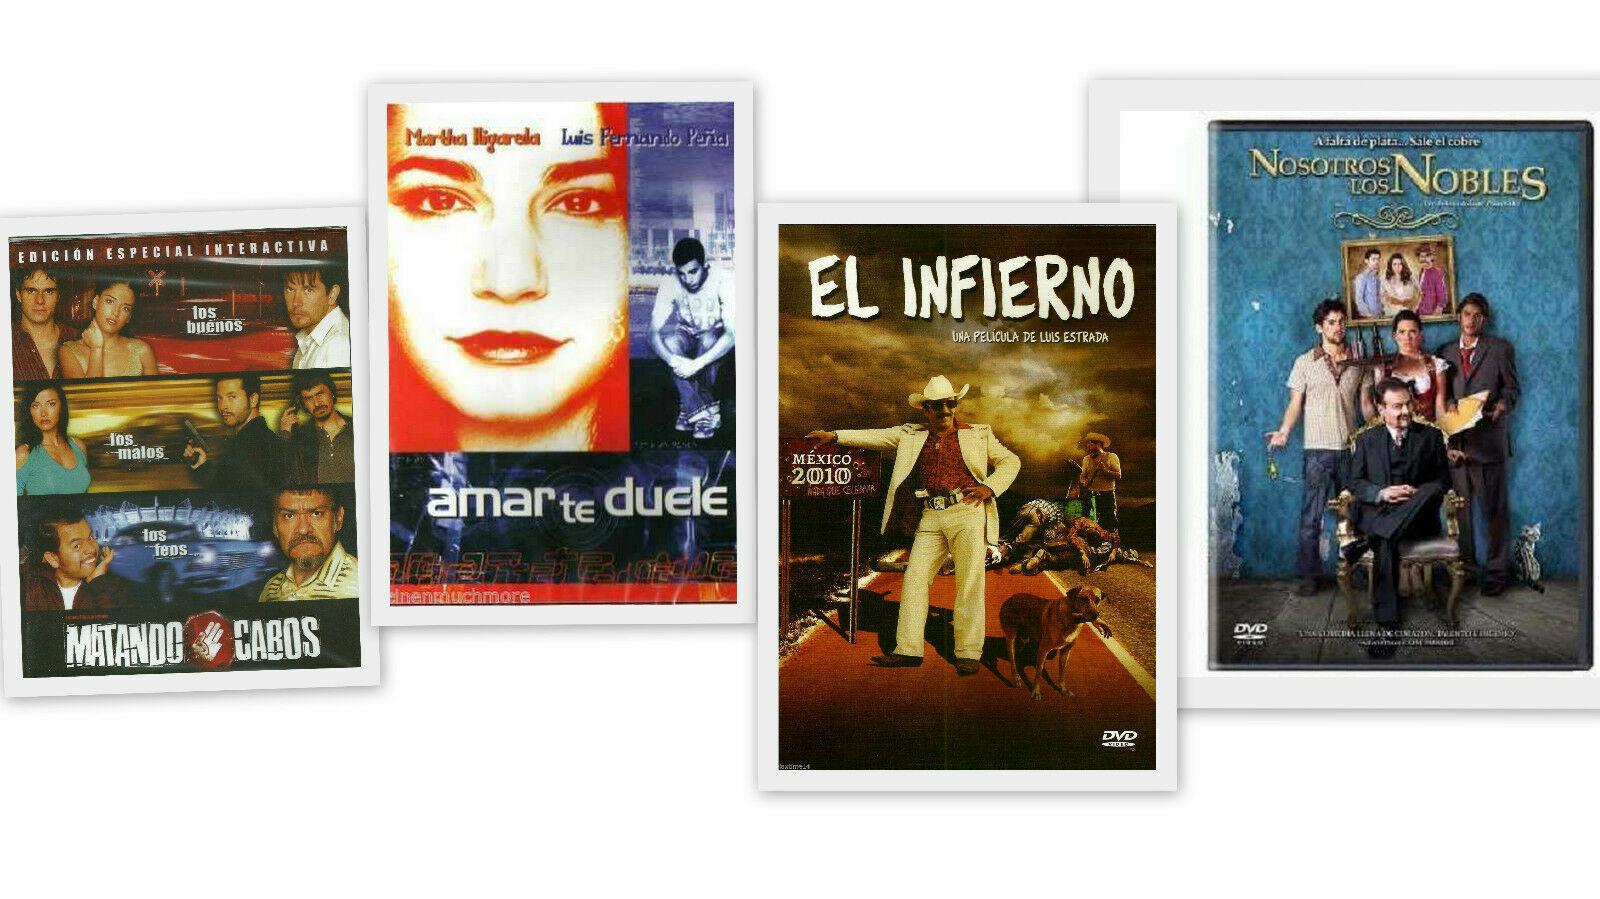 Amar Te Duele Full Movie el infierno region 4 movie - dvd, 2010